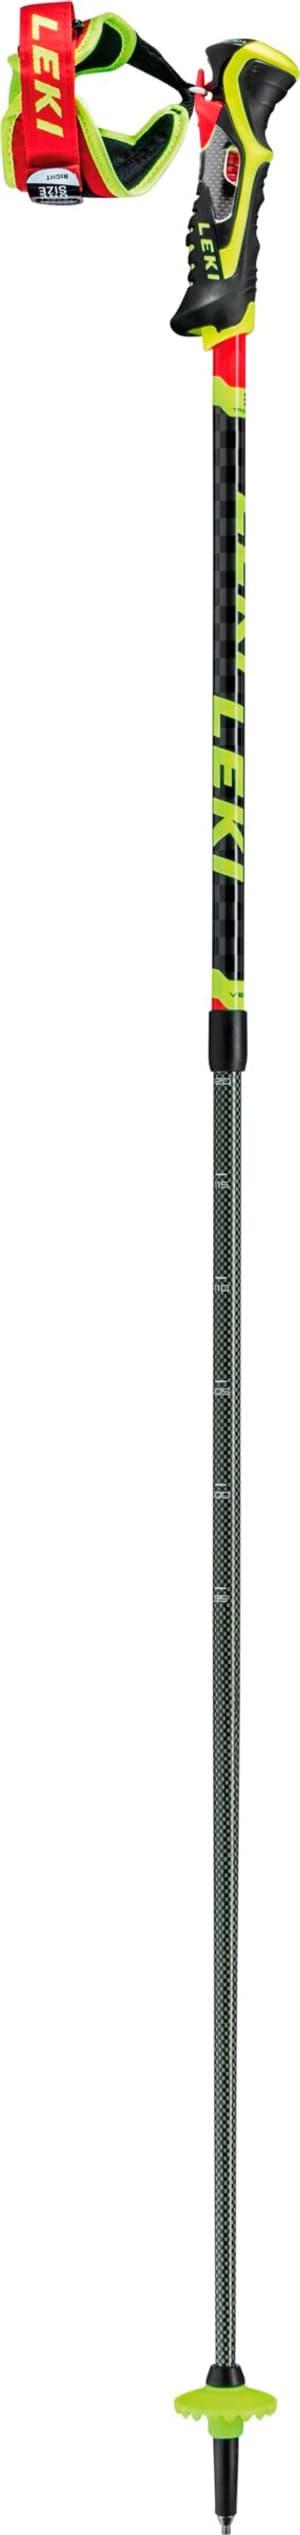 Venom Vario 3D 105-135 cm